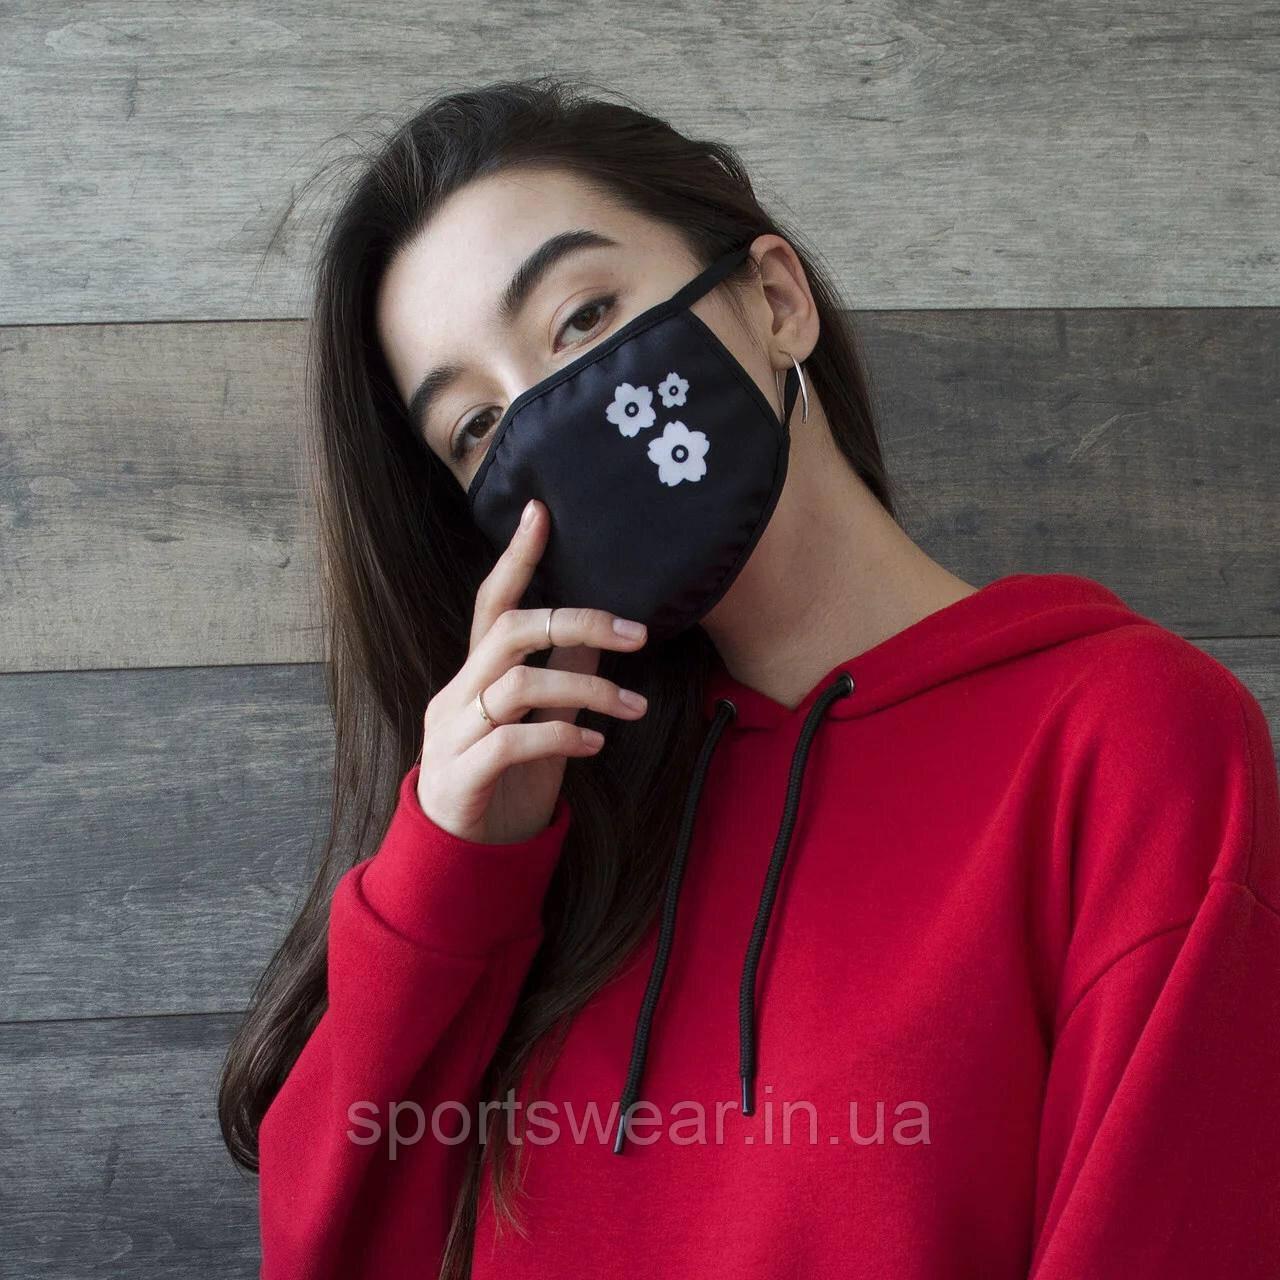 Многоразовая маска с  принтом ЦВЕТЫ  женская,мужская, подростковая